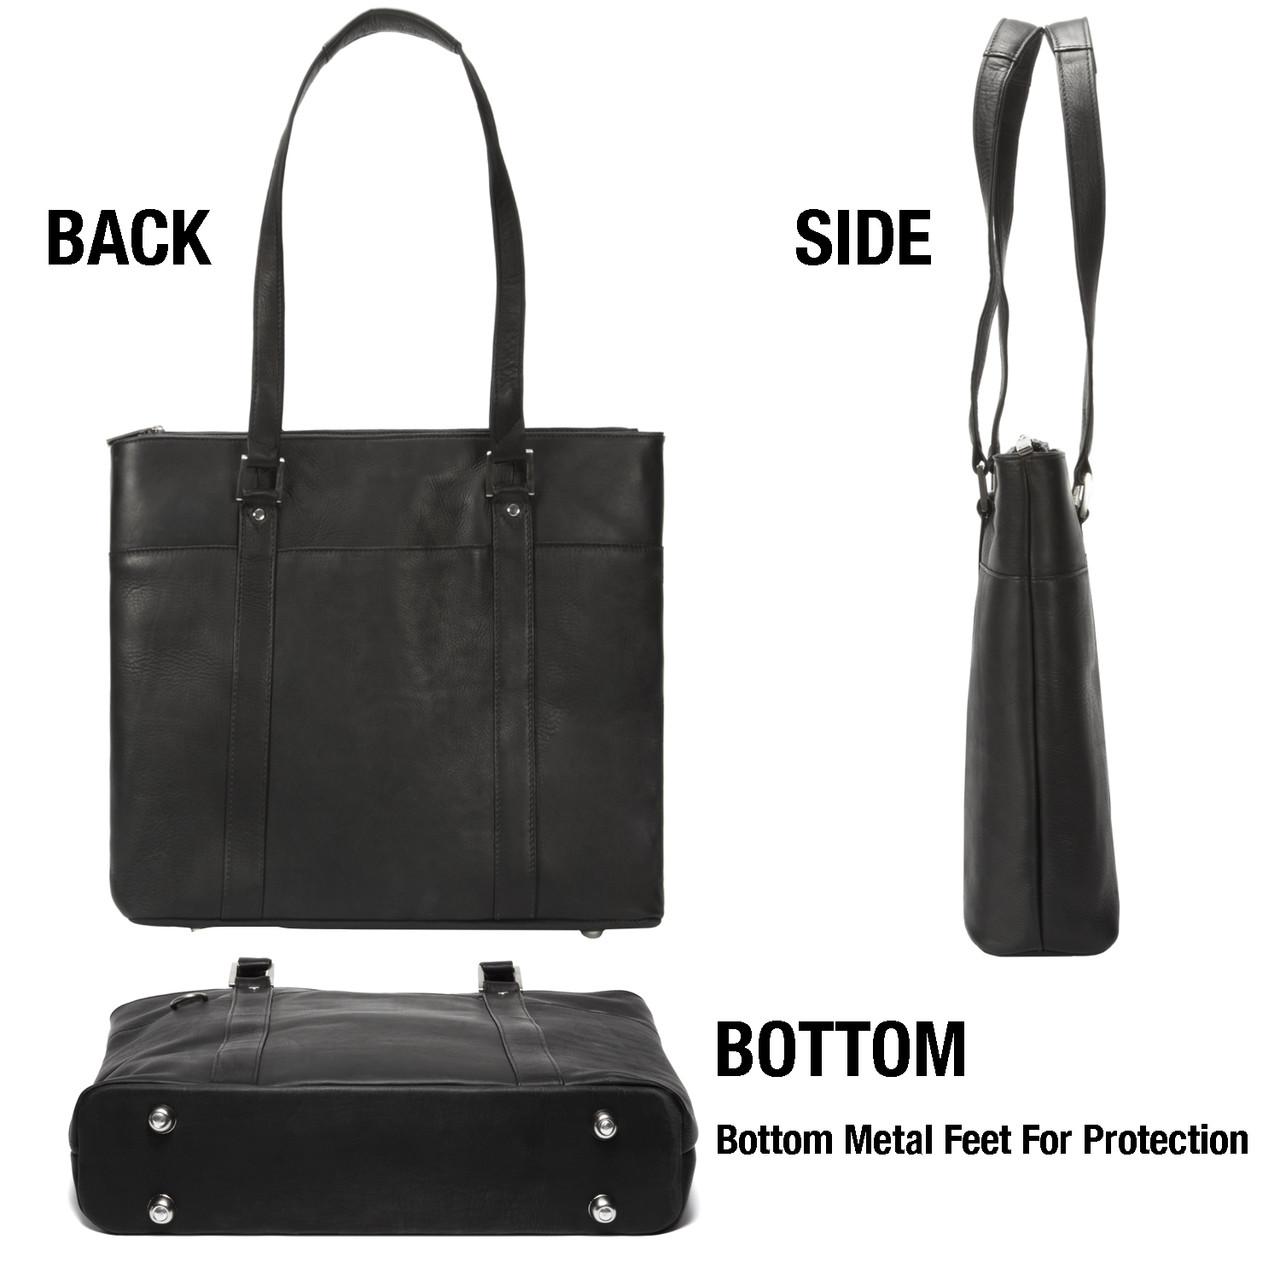 Muiska - Taipei - women's tote bag work bag for safe laptop transport